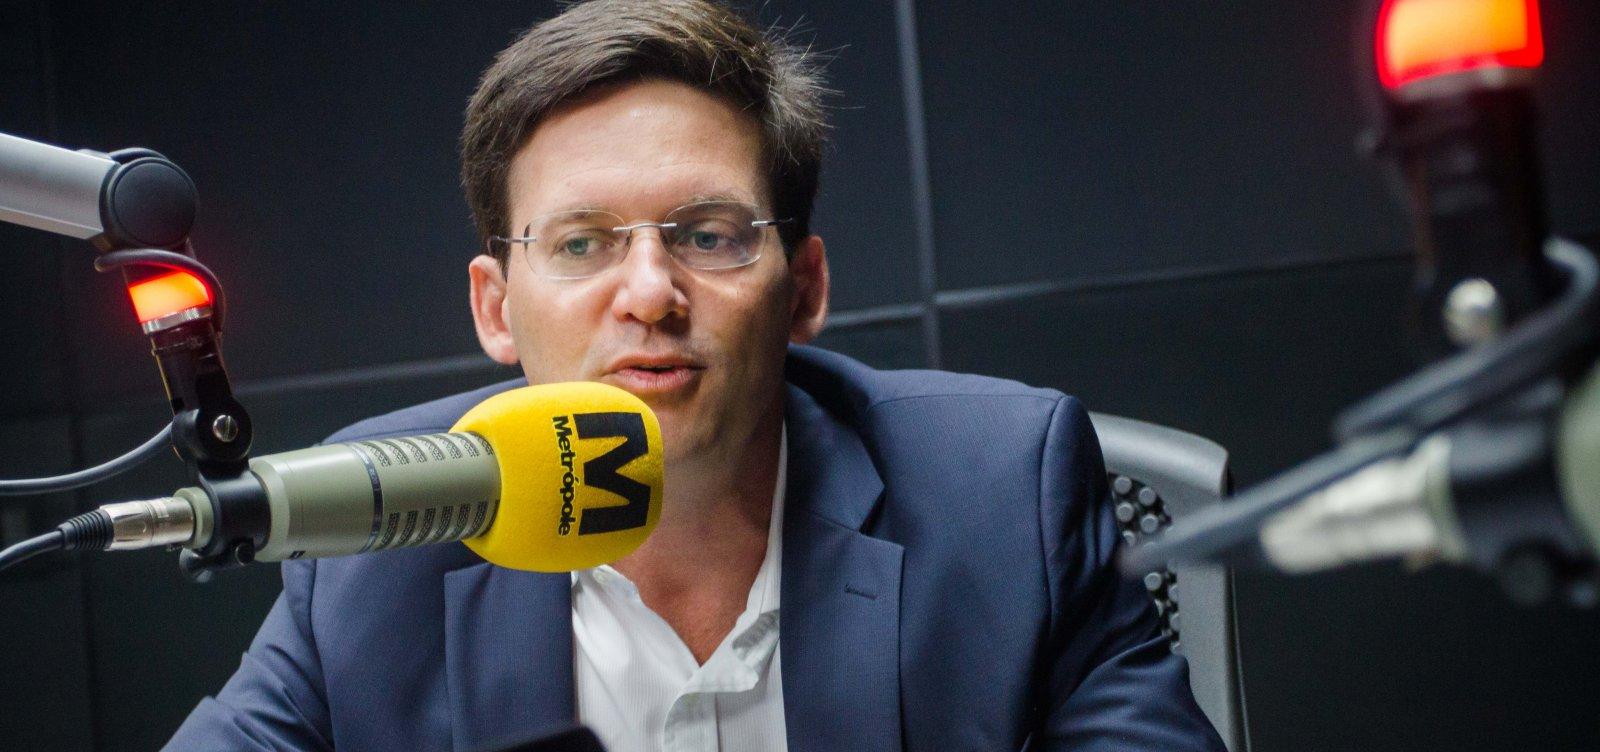 Governo Bolsonaro fez até agora 'muito pouca articulação' com Congresso, diz João Roma